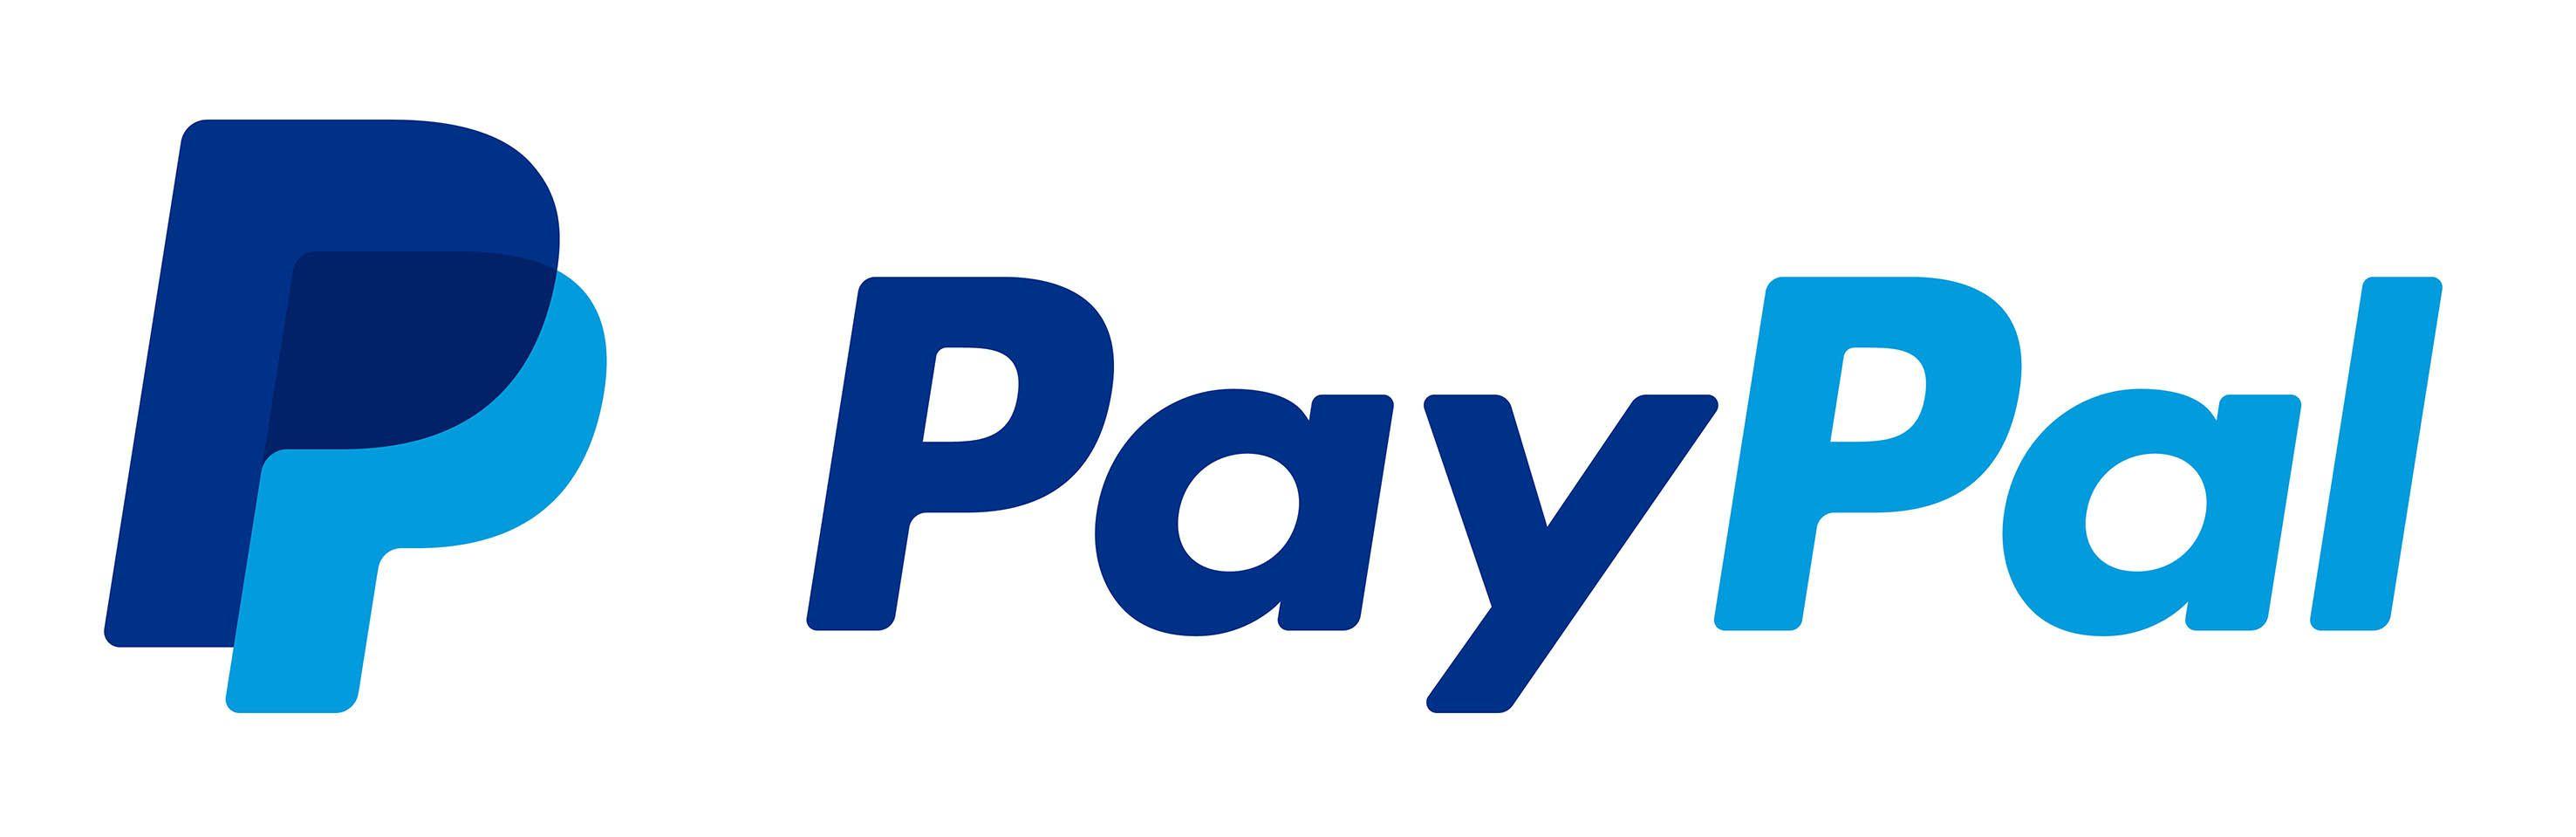 Logo Paypal | Compras, Internet, Ganar dinero por internet